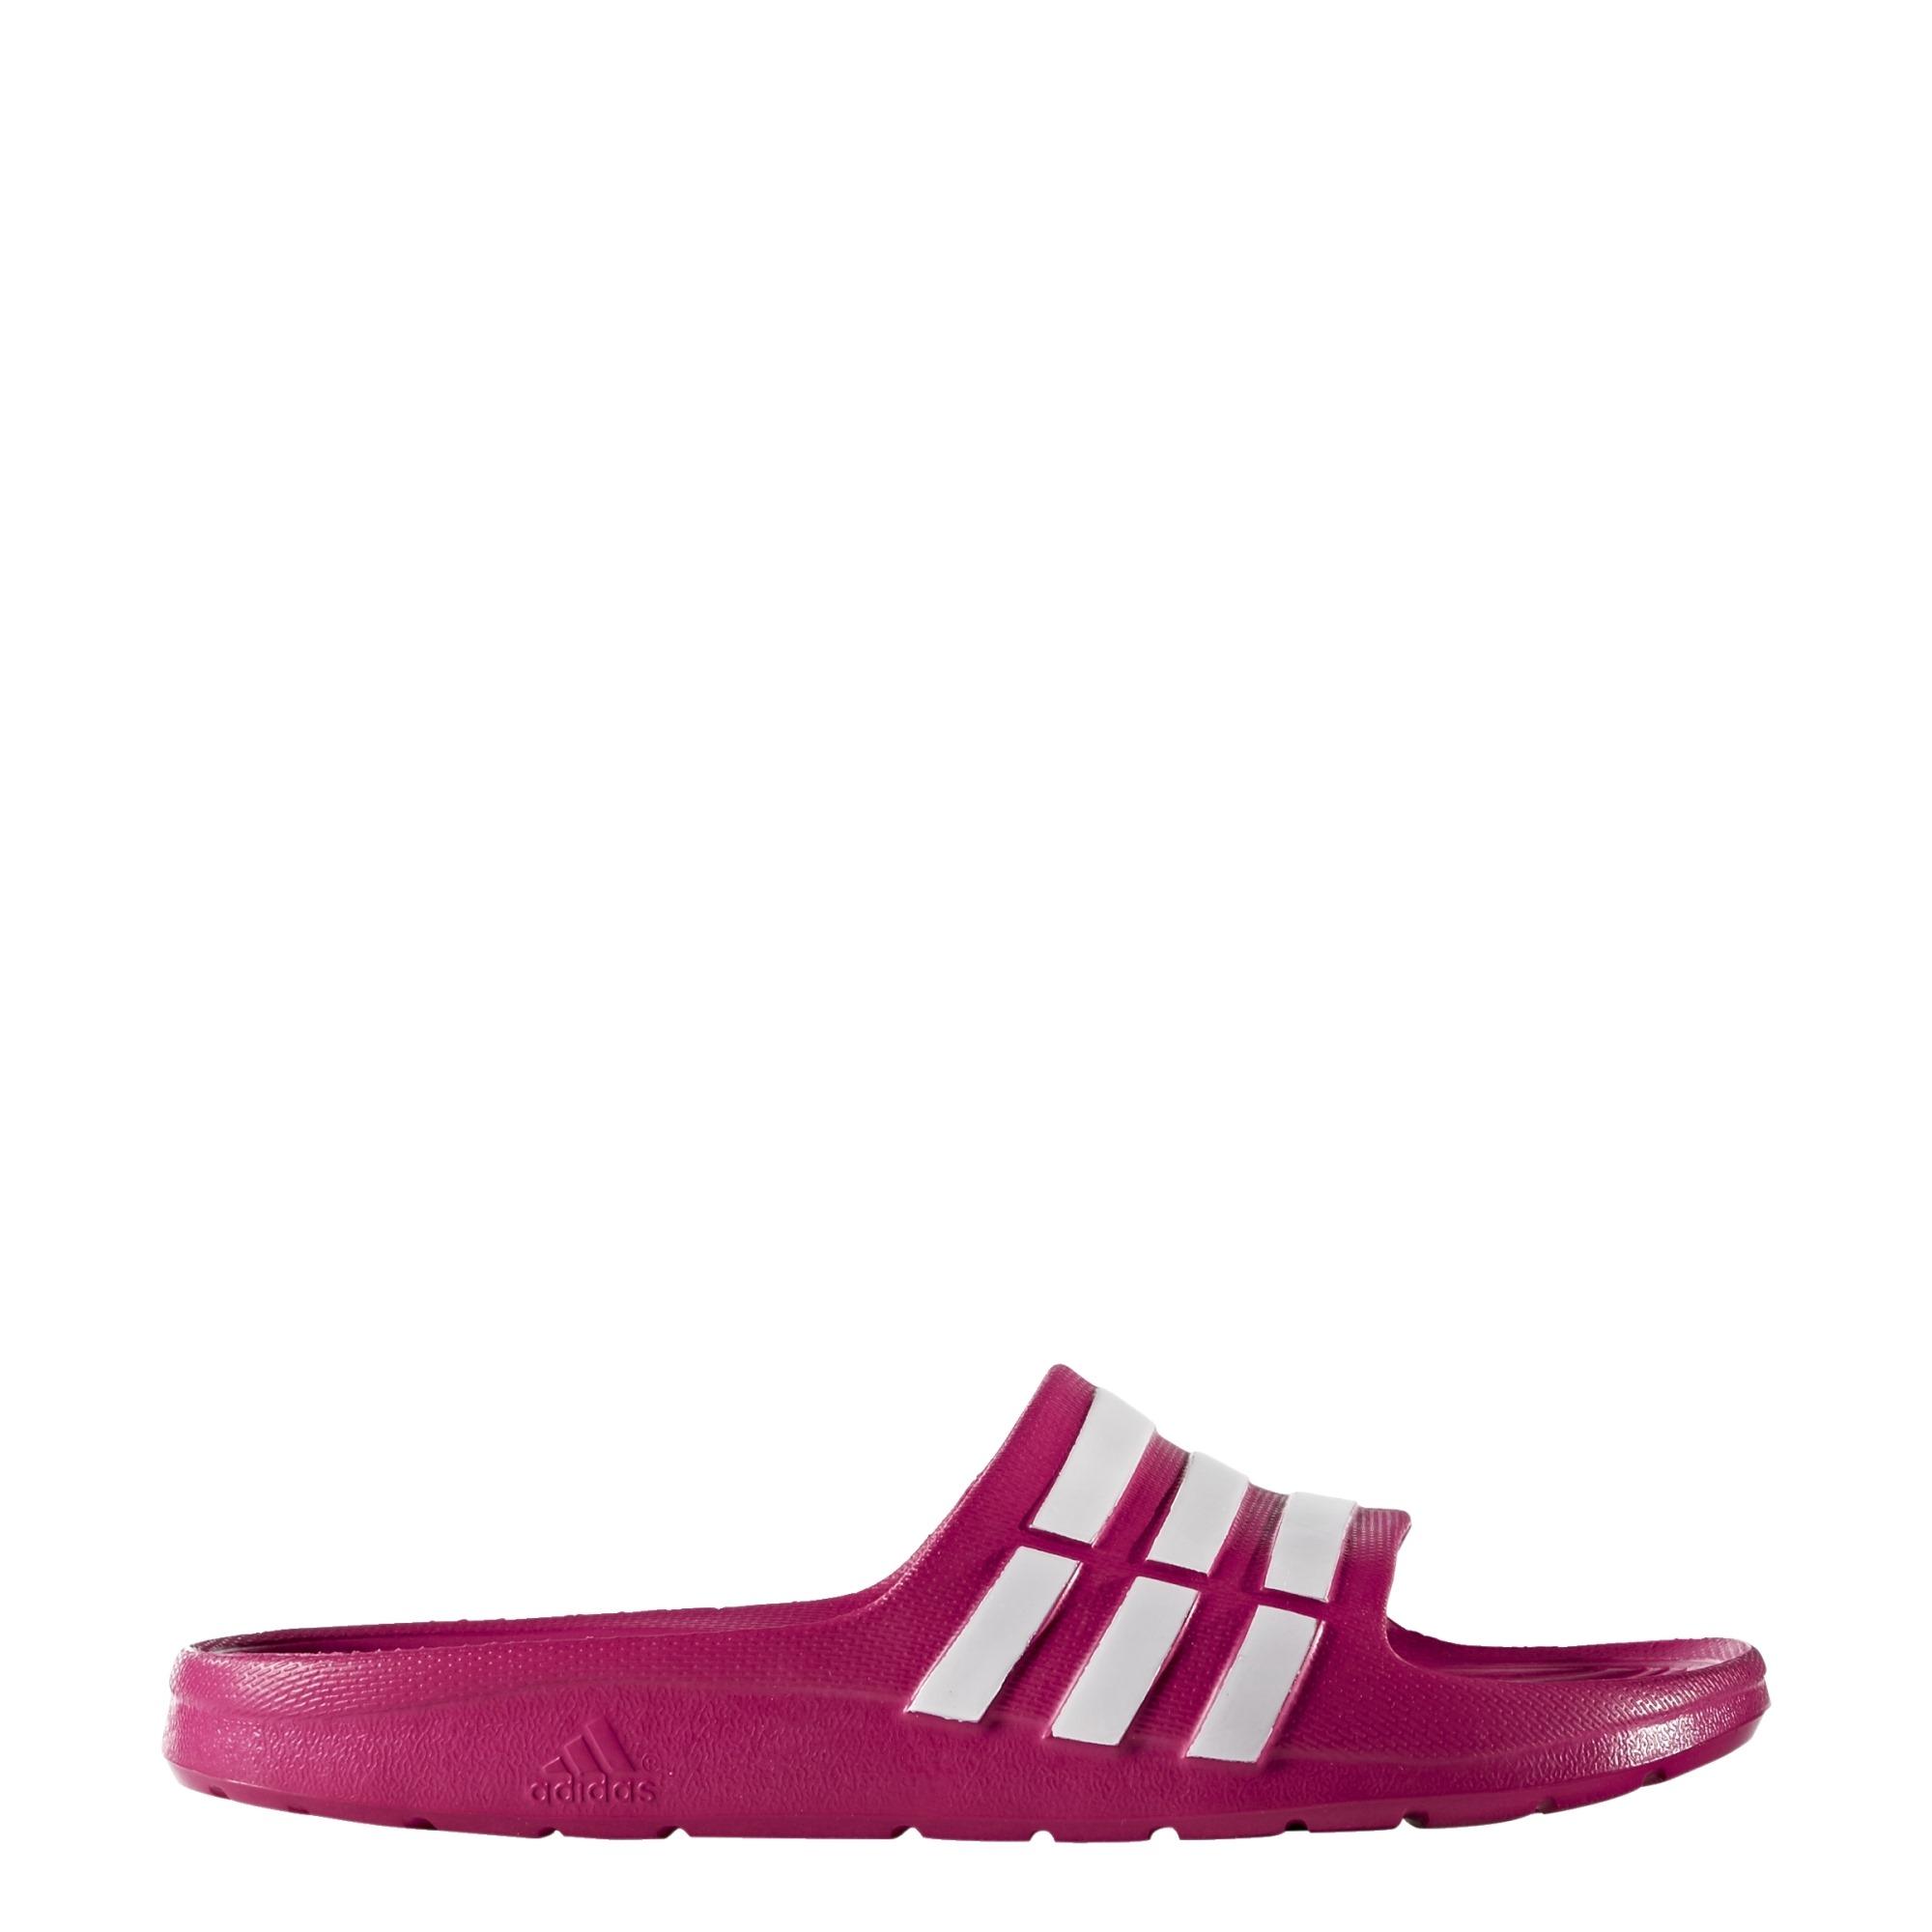 Adidas Duramo Slide K Meisjes slippers